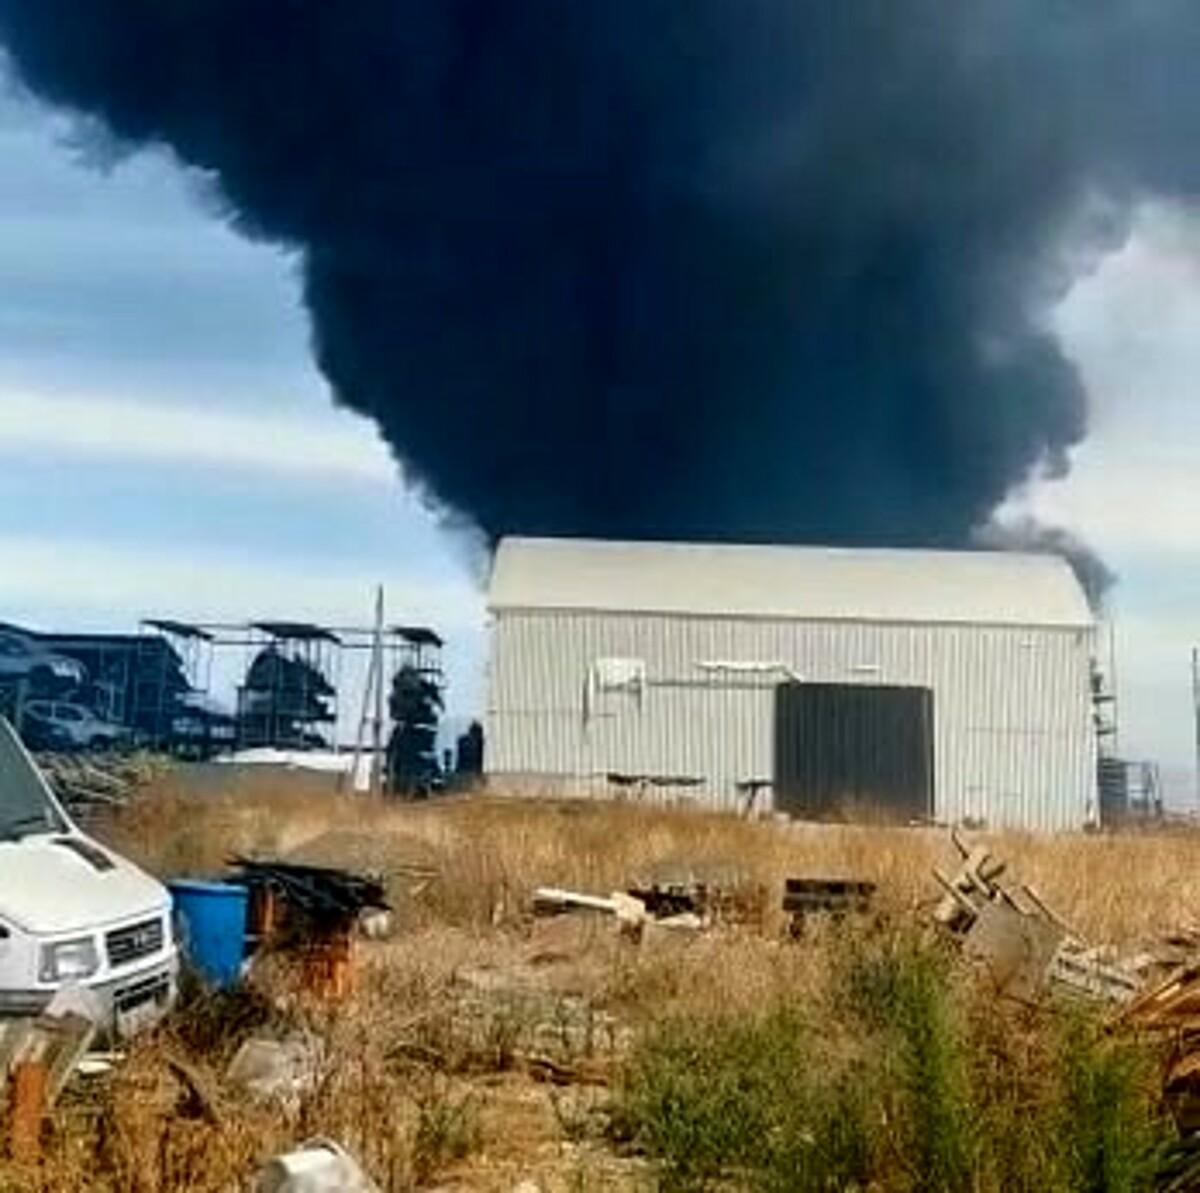 Incendio ad Albanella, brucia un deposito di stoccaggio rifiuti: corrono i vigili del fuoco